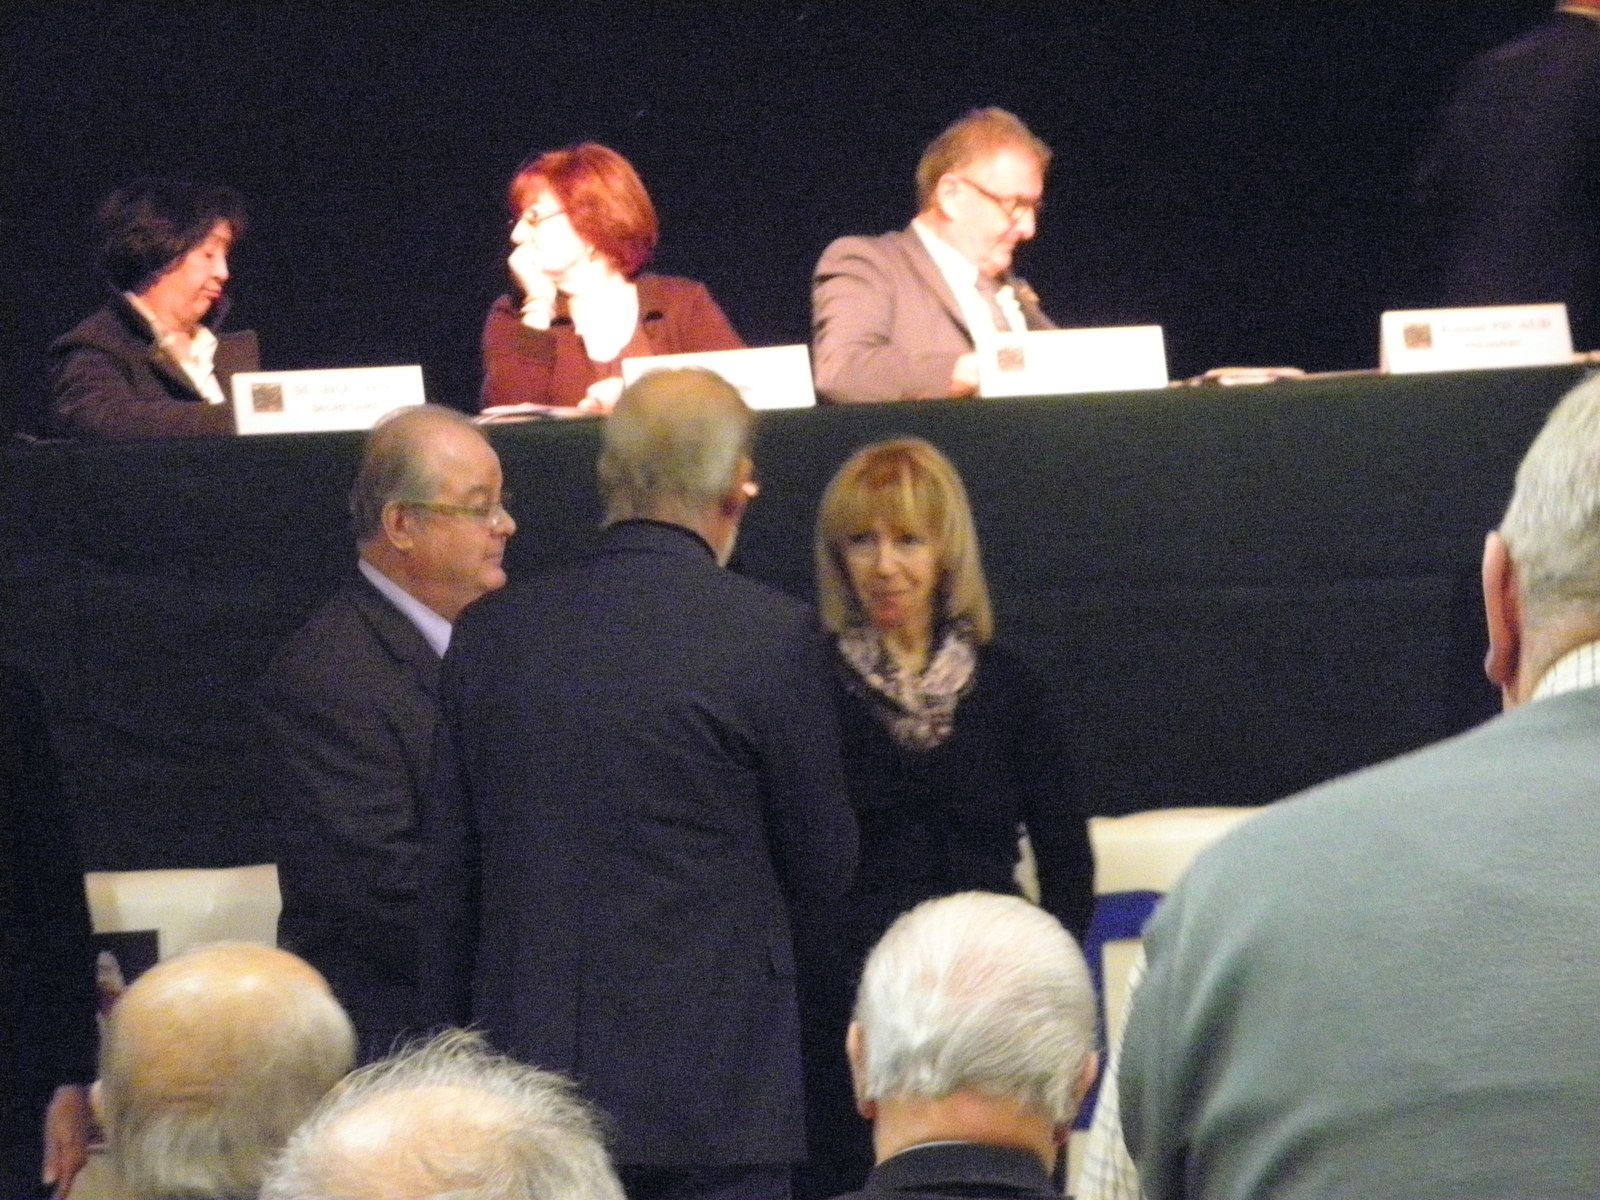 Photos Alain VALON et Patrice KRAUS: Le Conseil d'Administration a tenu à honorer Liliane PICAUD épouse du Président qui a accepté que le fonctionnement de l'Association soit assuré sur les deniers personnels de la famille.